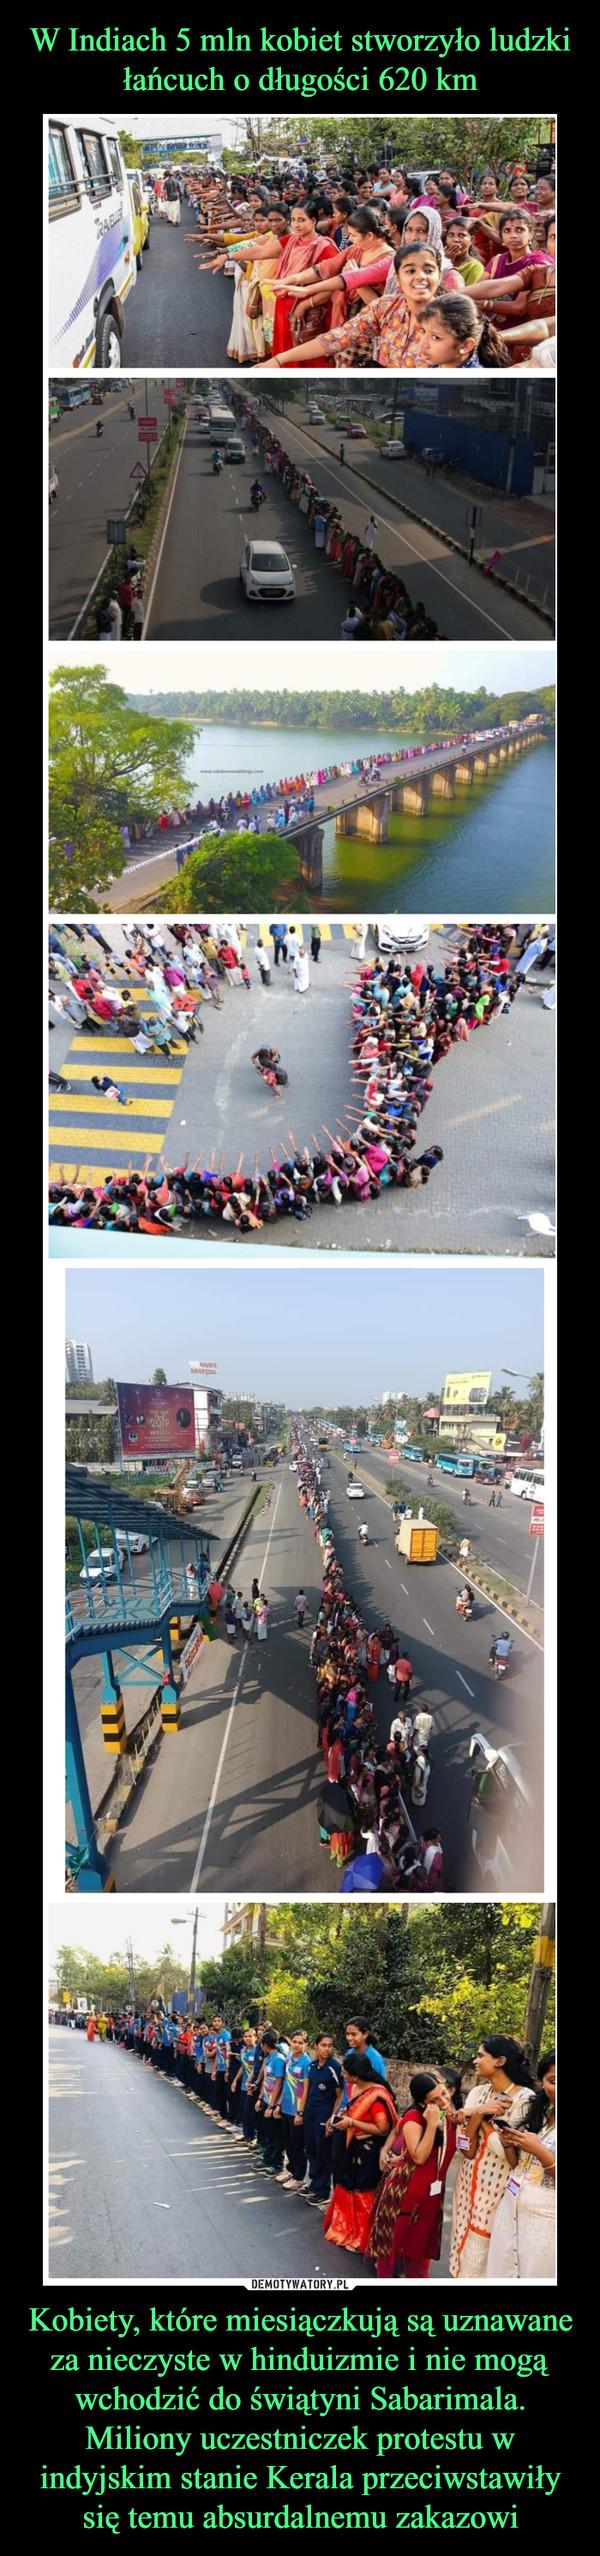 Kobiety, które miesiączkują są uznawane za nieczyste w hinduizmie i nie mogą wchodzić do świątyni Sabarimala. Miliony uczestniczek protestu w indyjskim stanie Kerala przeciwstawiły się temu absurdalnemu zakazowi –